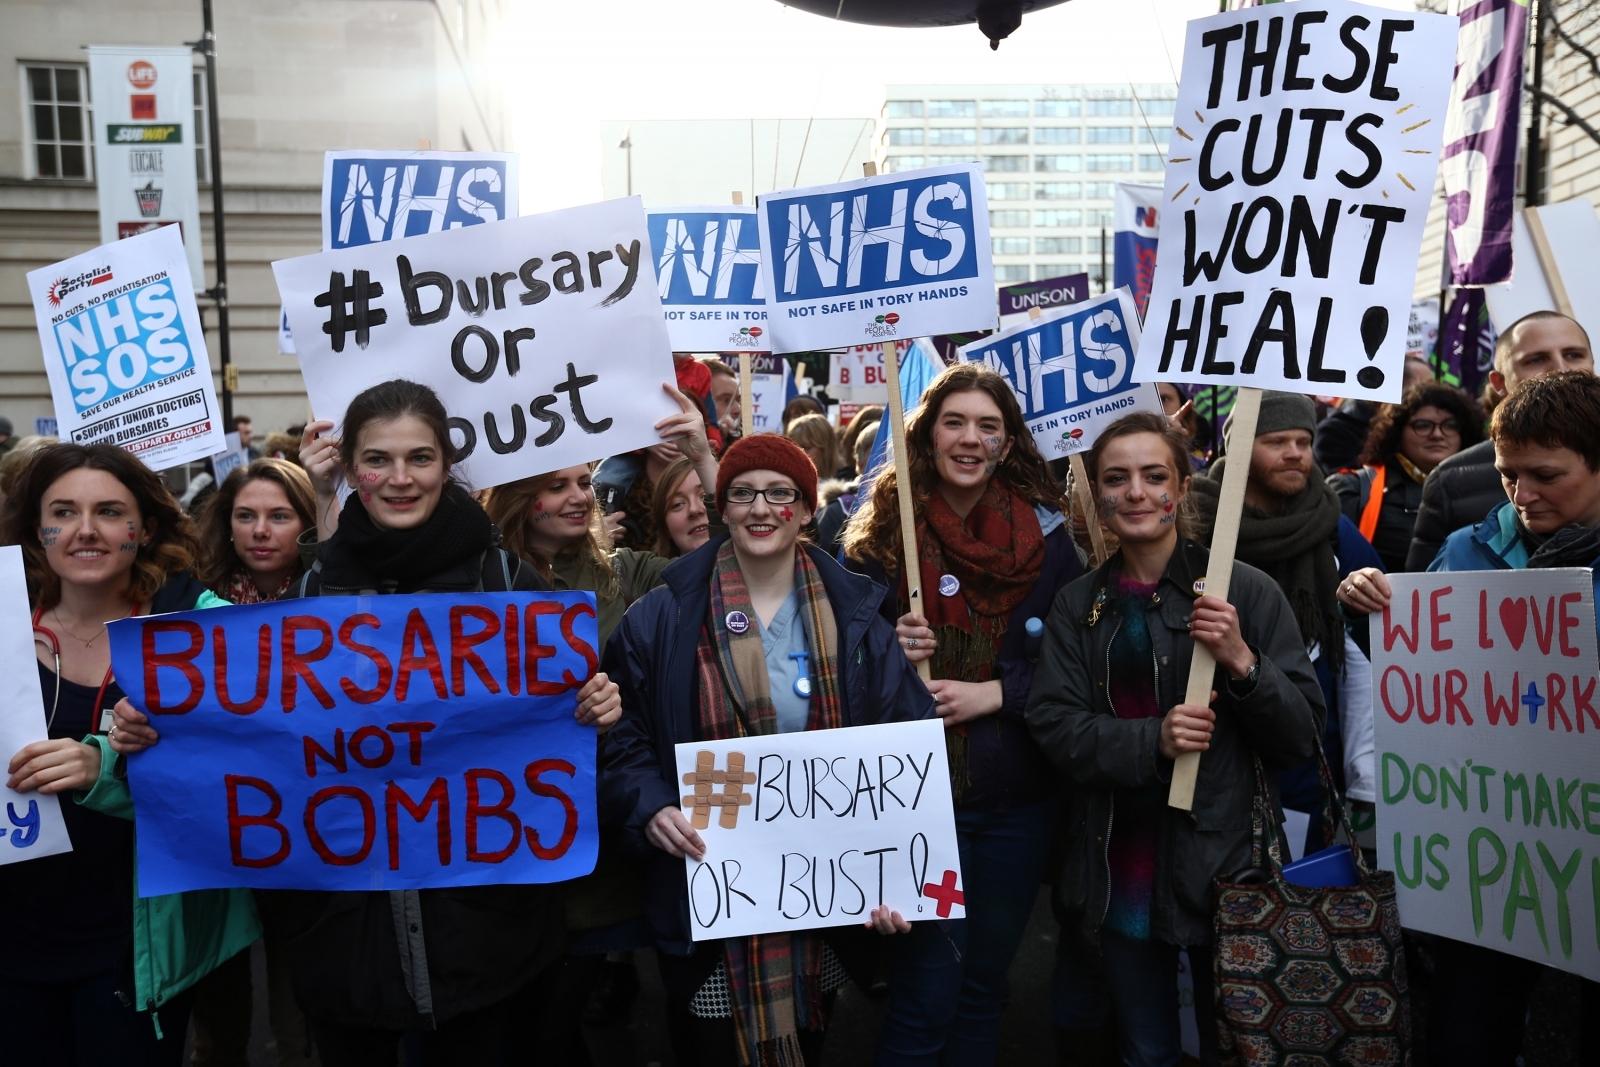 NHS nurses protest